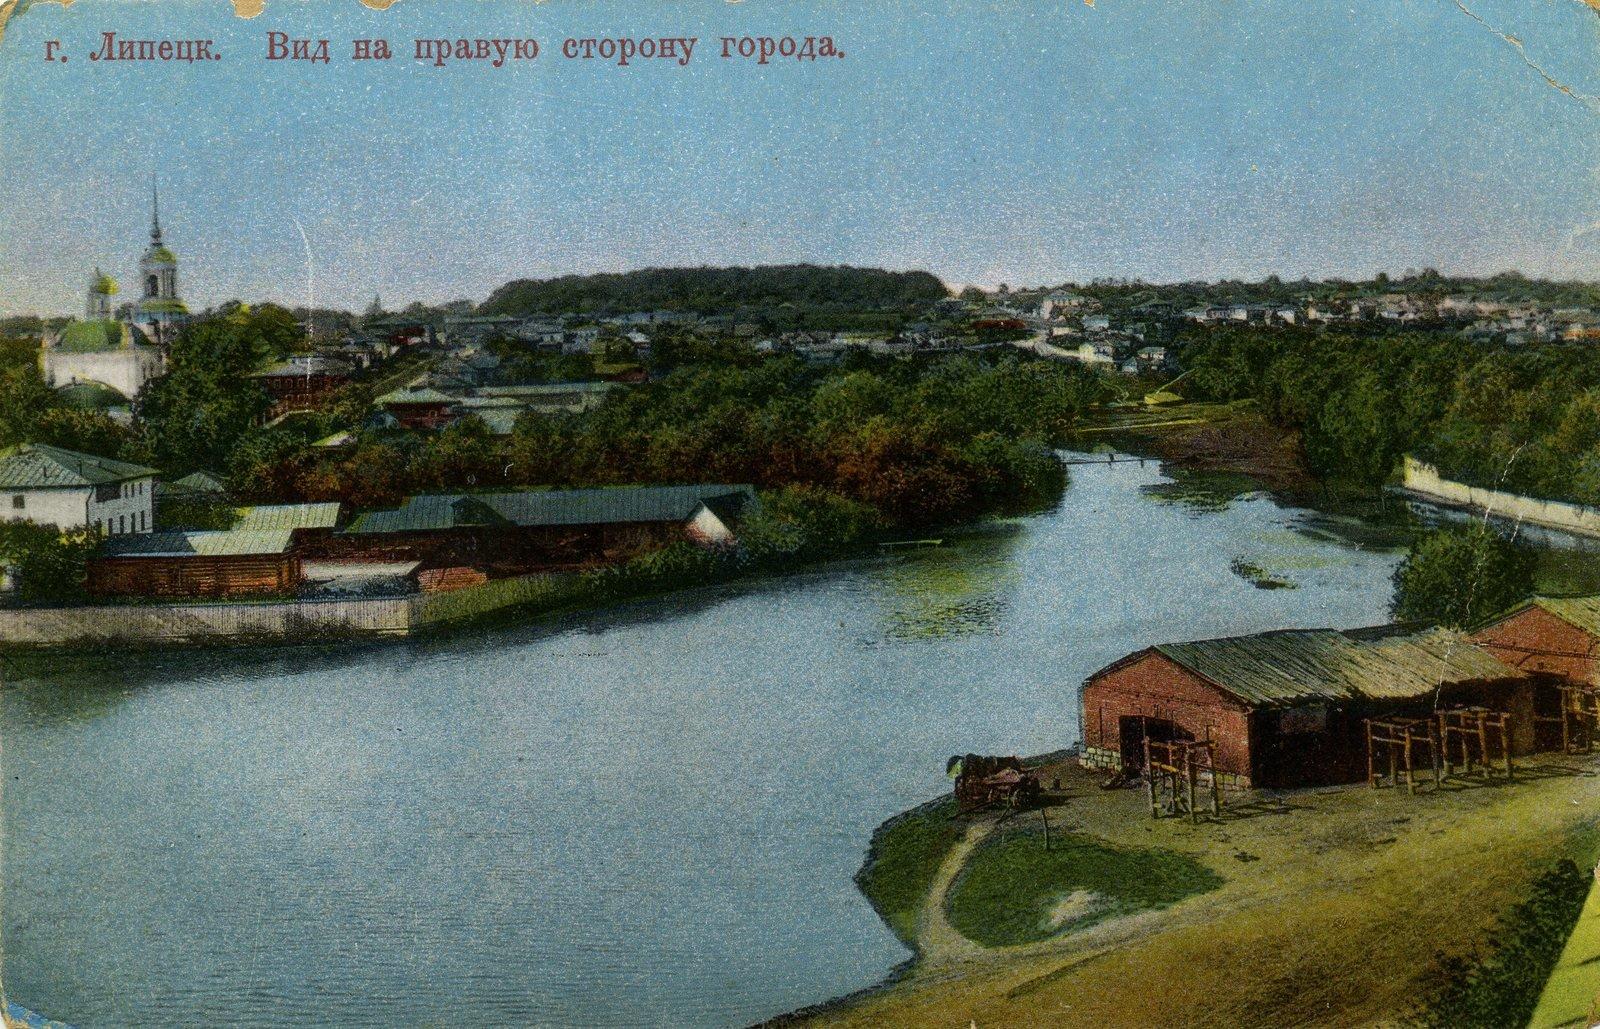 Липецк. Вид на правую сторону города